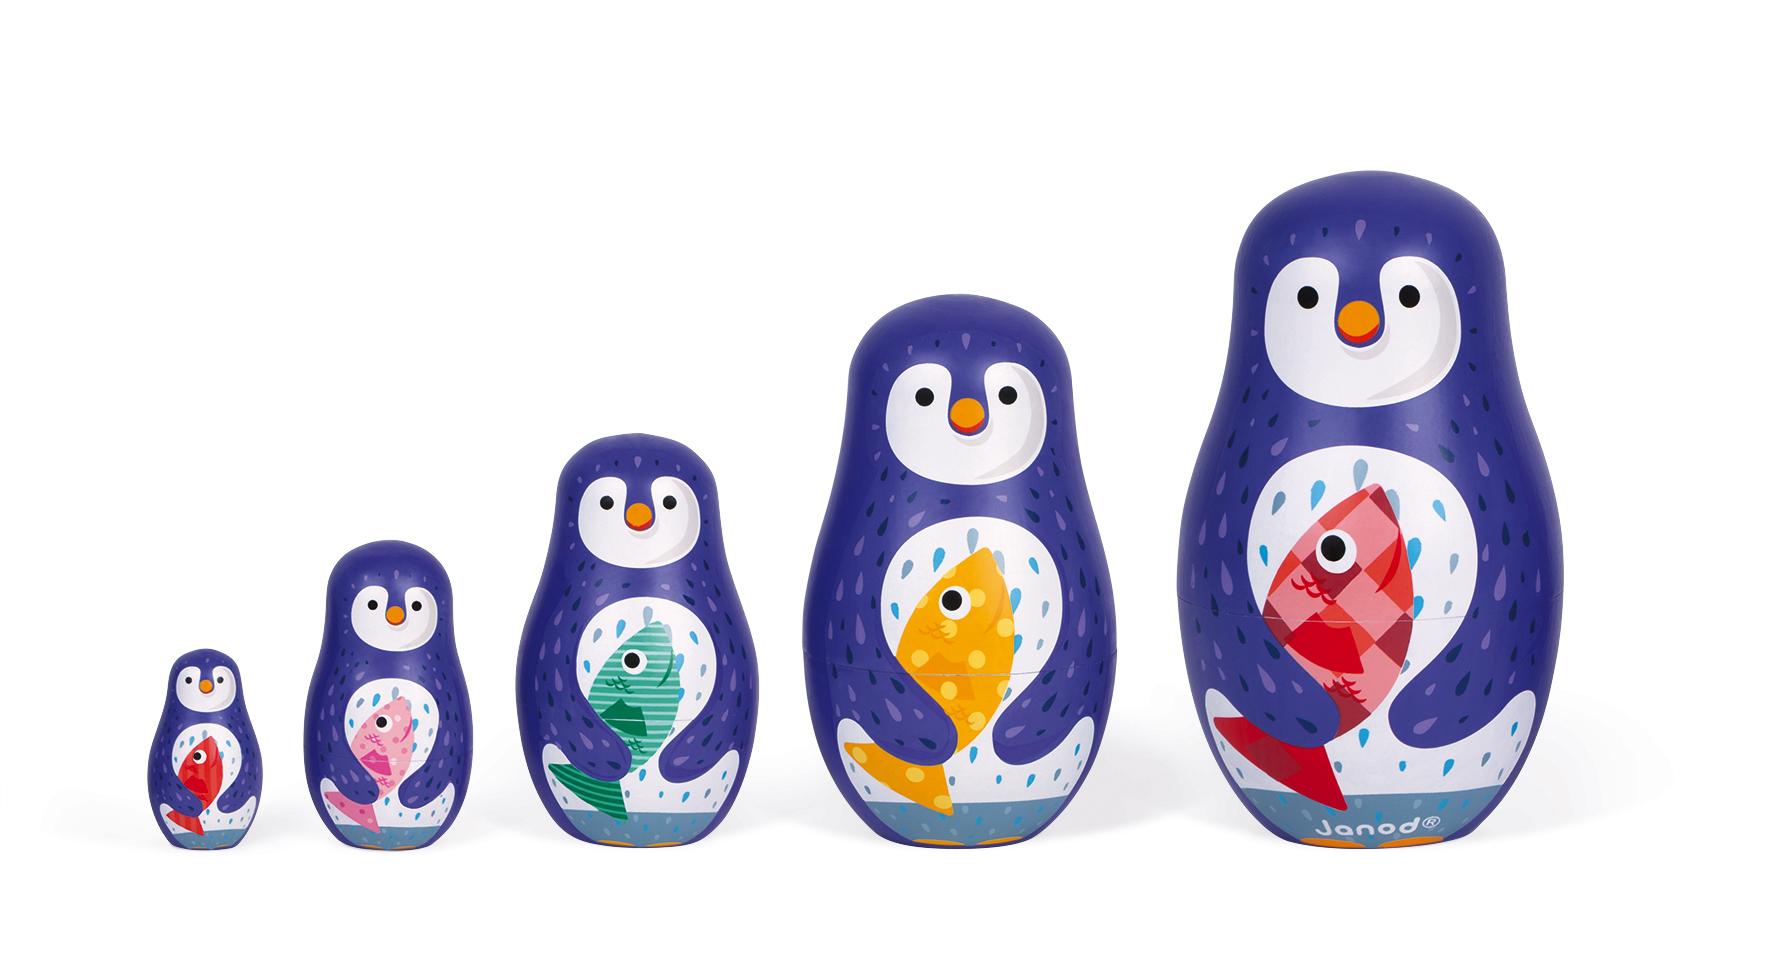 Дървени матрьошки - Пингвини - дървени играчки от Janod(5)-bellamiestore